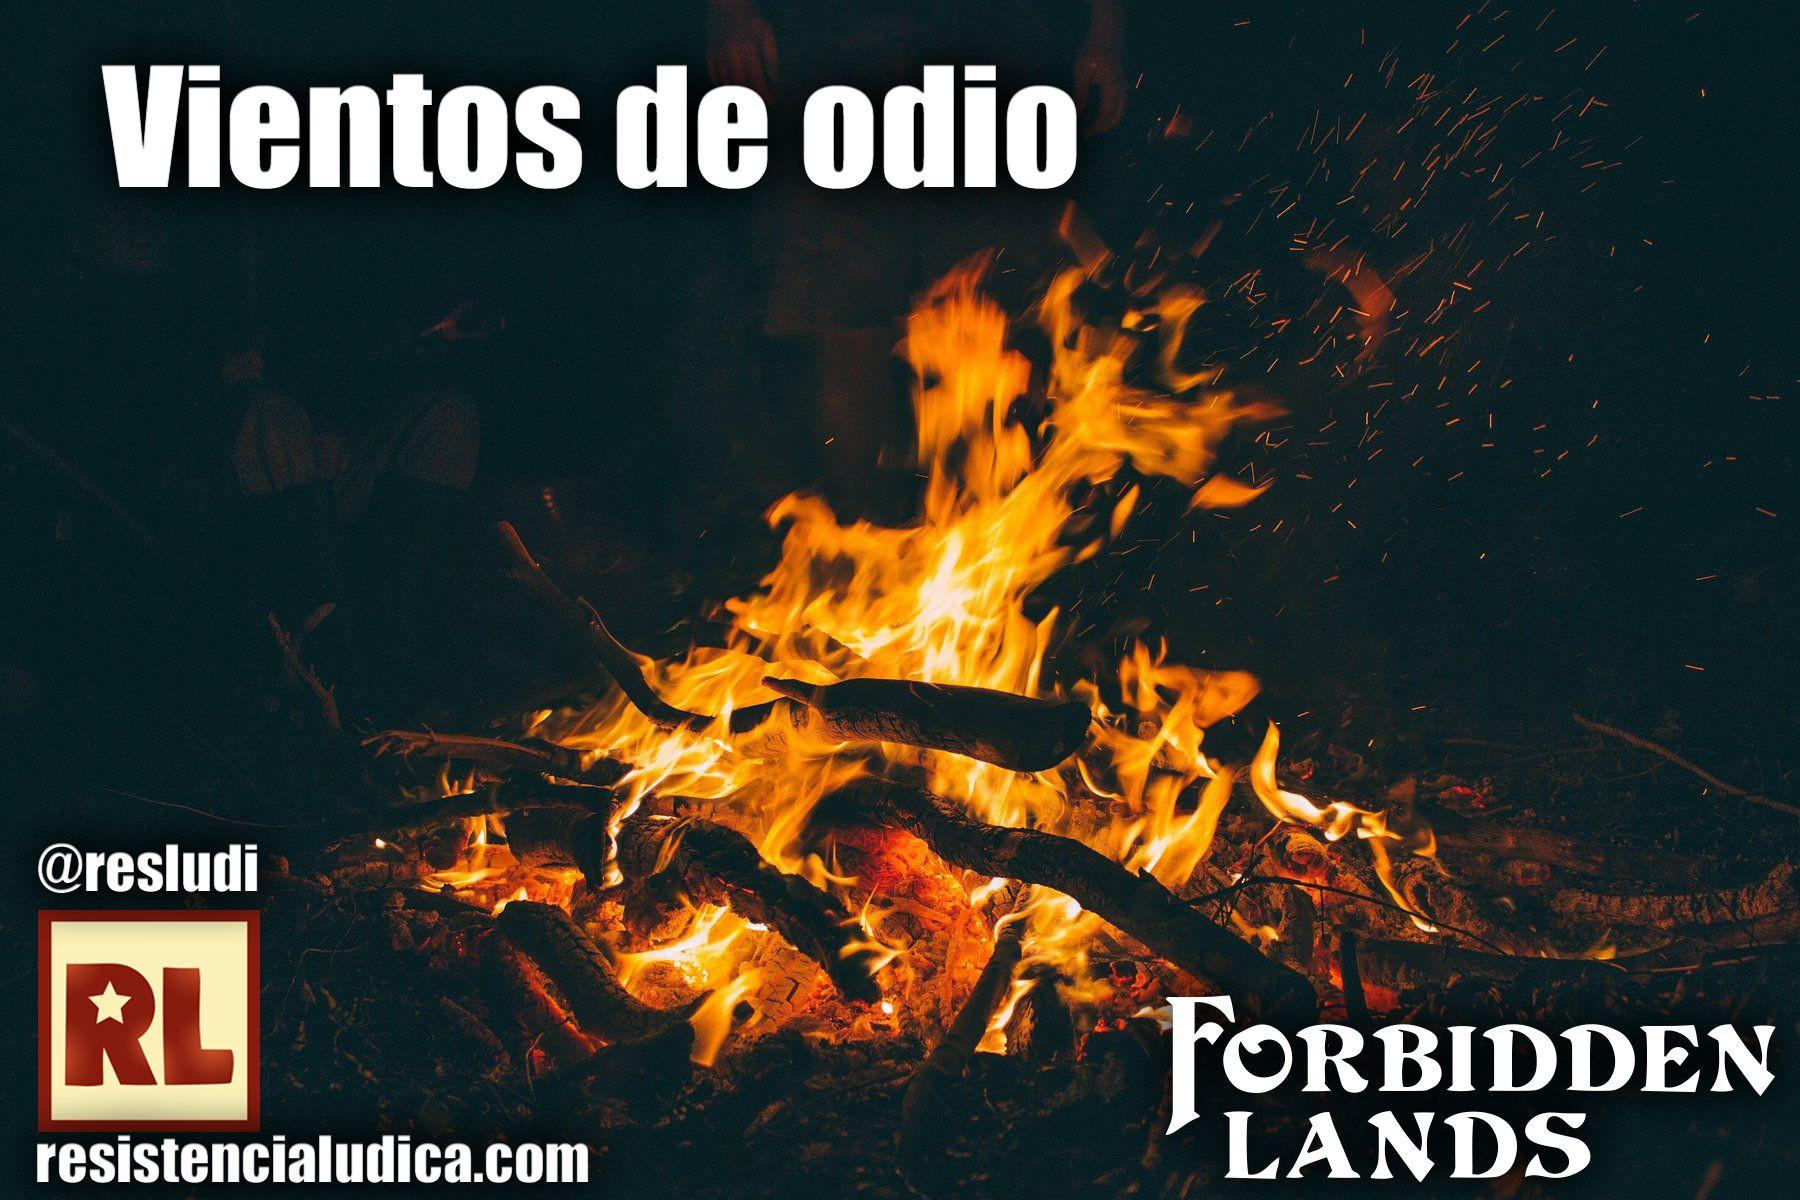 Rol - ✣ Vientos de odio (Forbidden Lands) RL